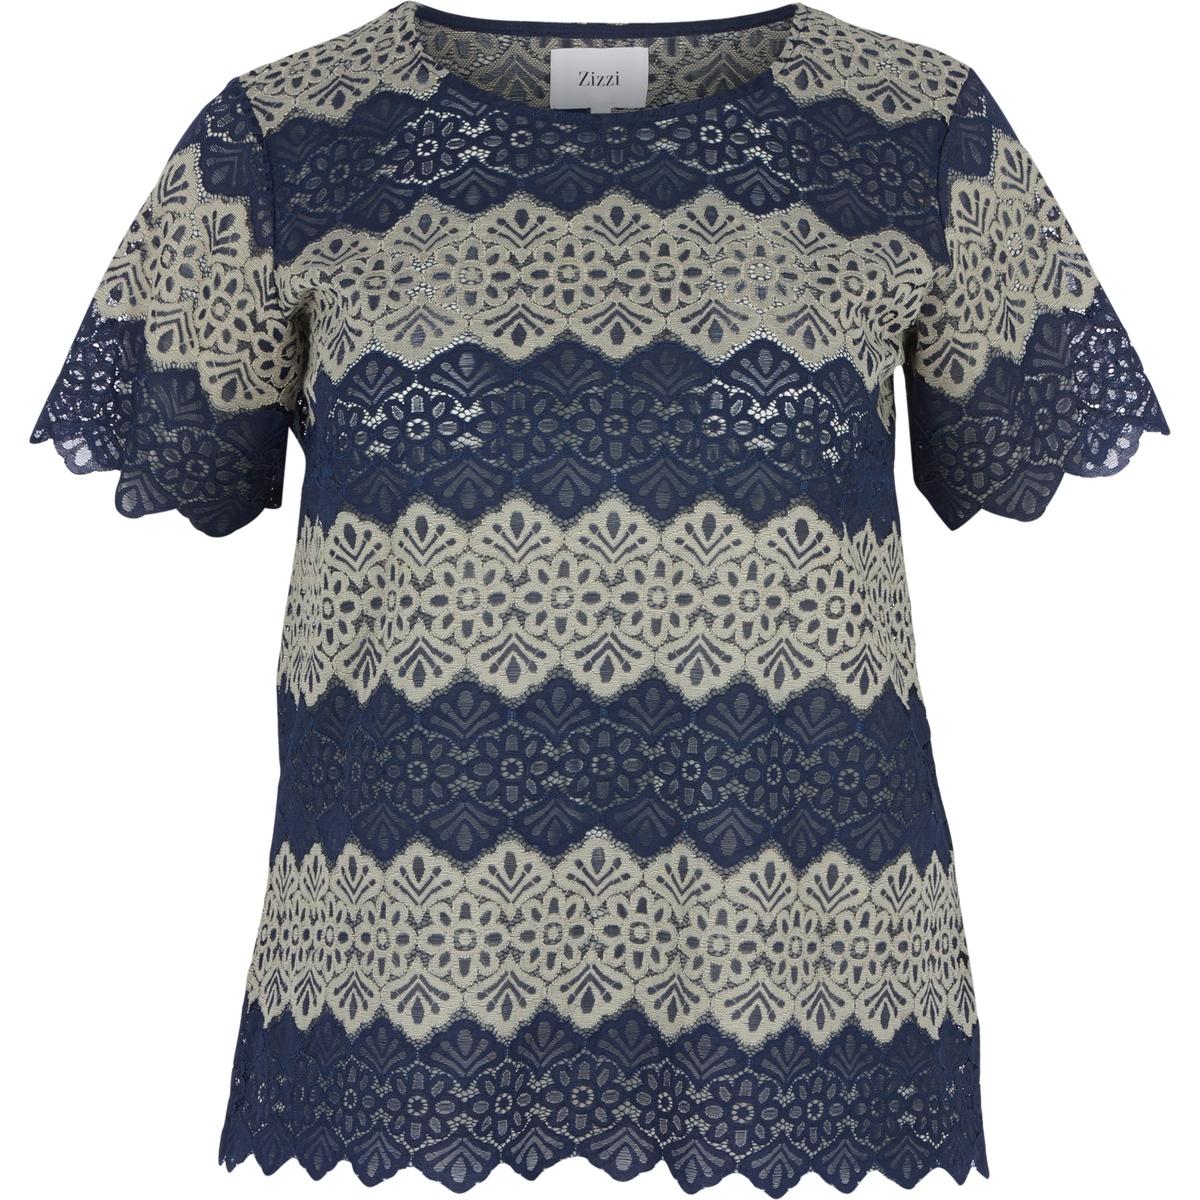 БлузкаБлузка ZIZZI. 55% хлопка, 45% полиамида. Женственная блузка из кружева. Круглый вырез, короткие рукава. Слегка прозрачная<br><br>Цвет: темно-синий,черный<br>Размер: 42/44 (FR) - 48/50 (RUS).46/48 (FR) - 52/54 (RUS).46/48 (FR) - 52/54 (RUS)